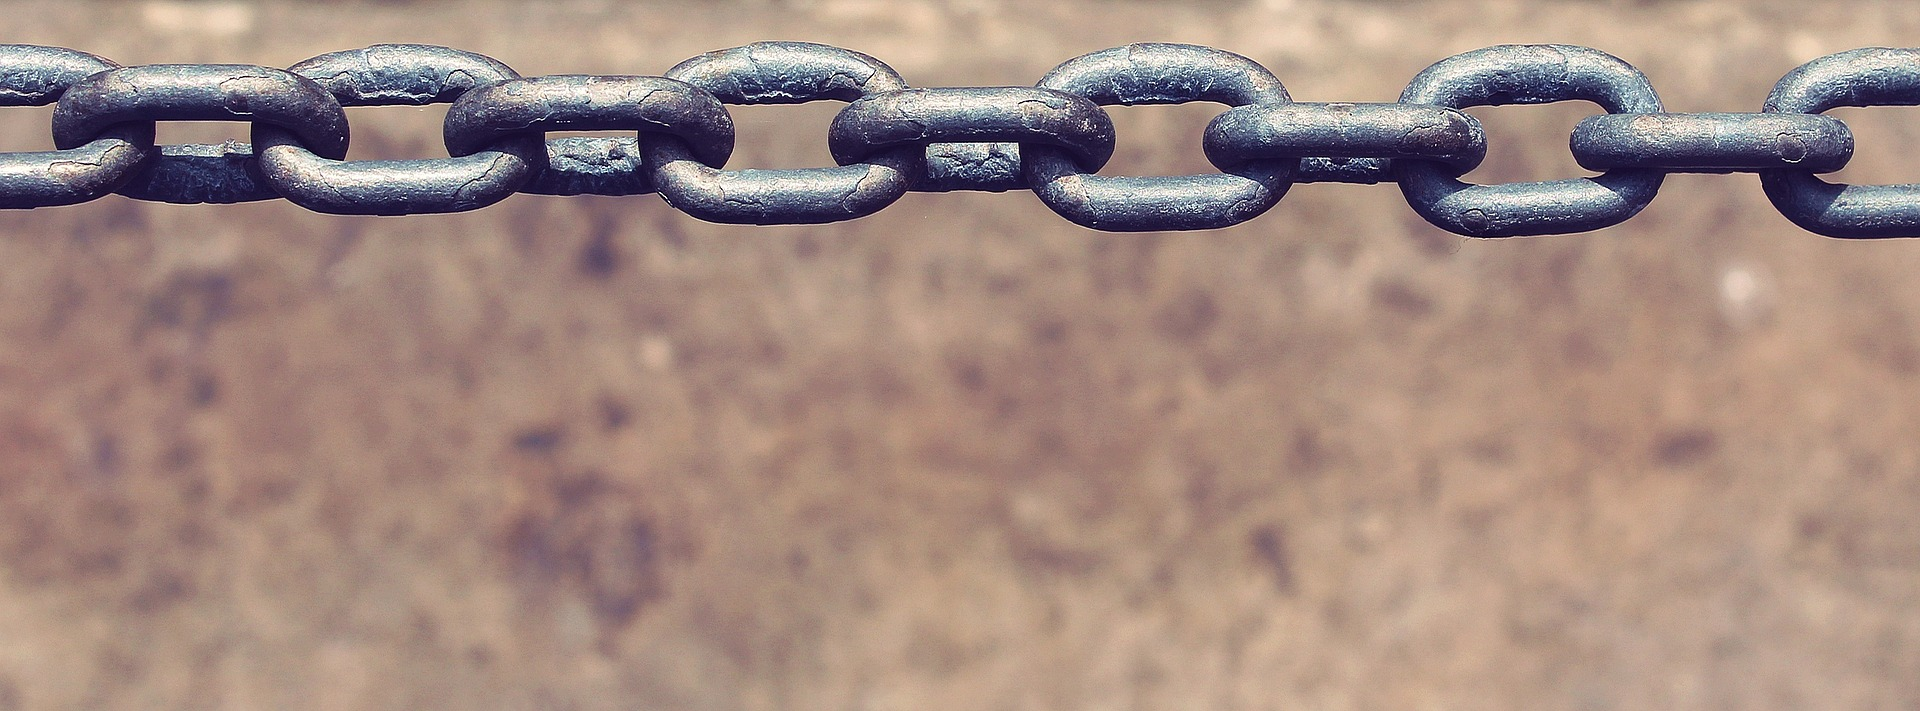 chain.jpg